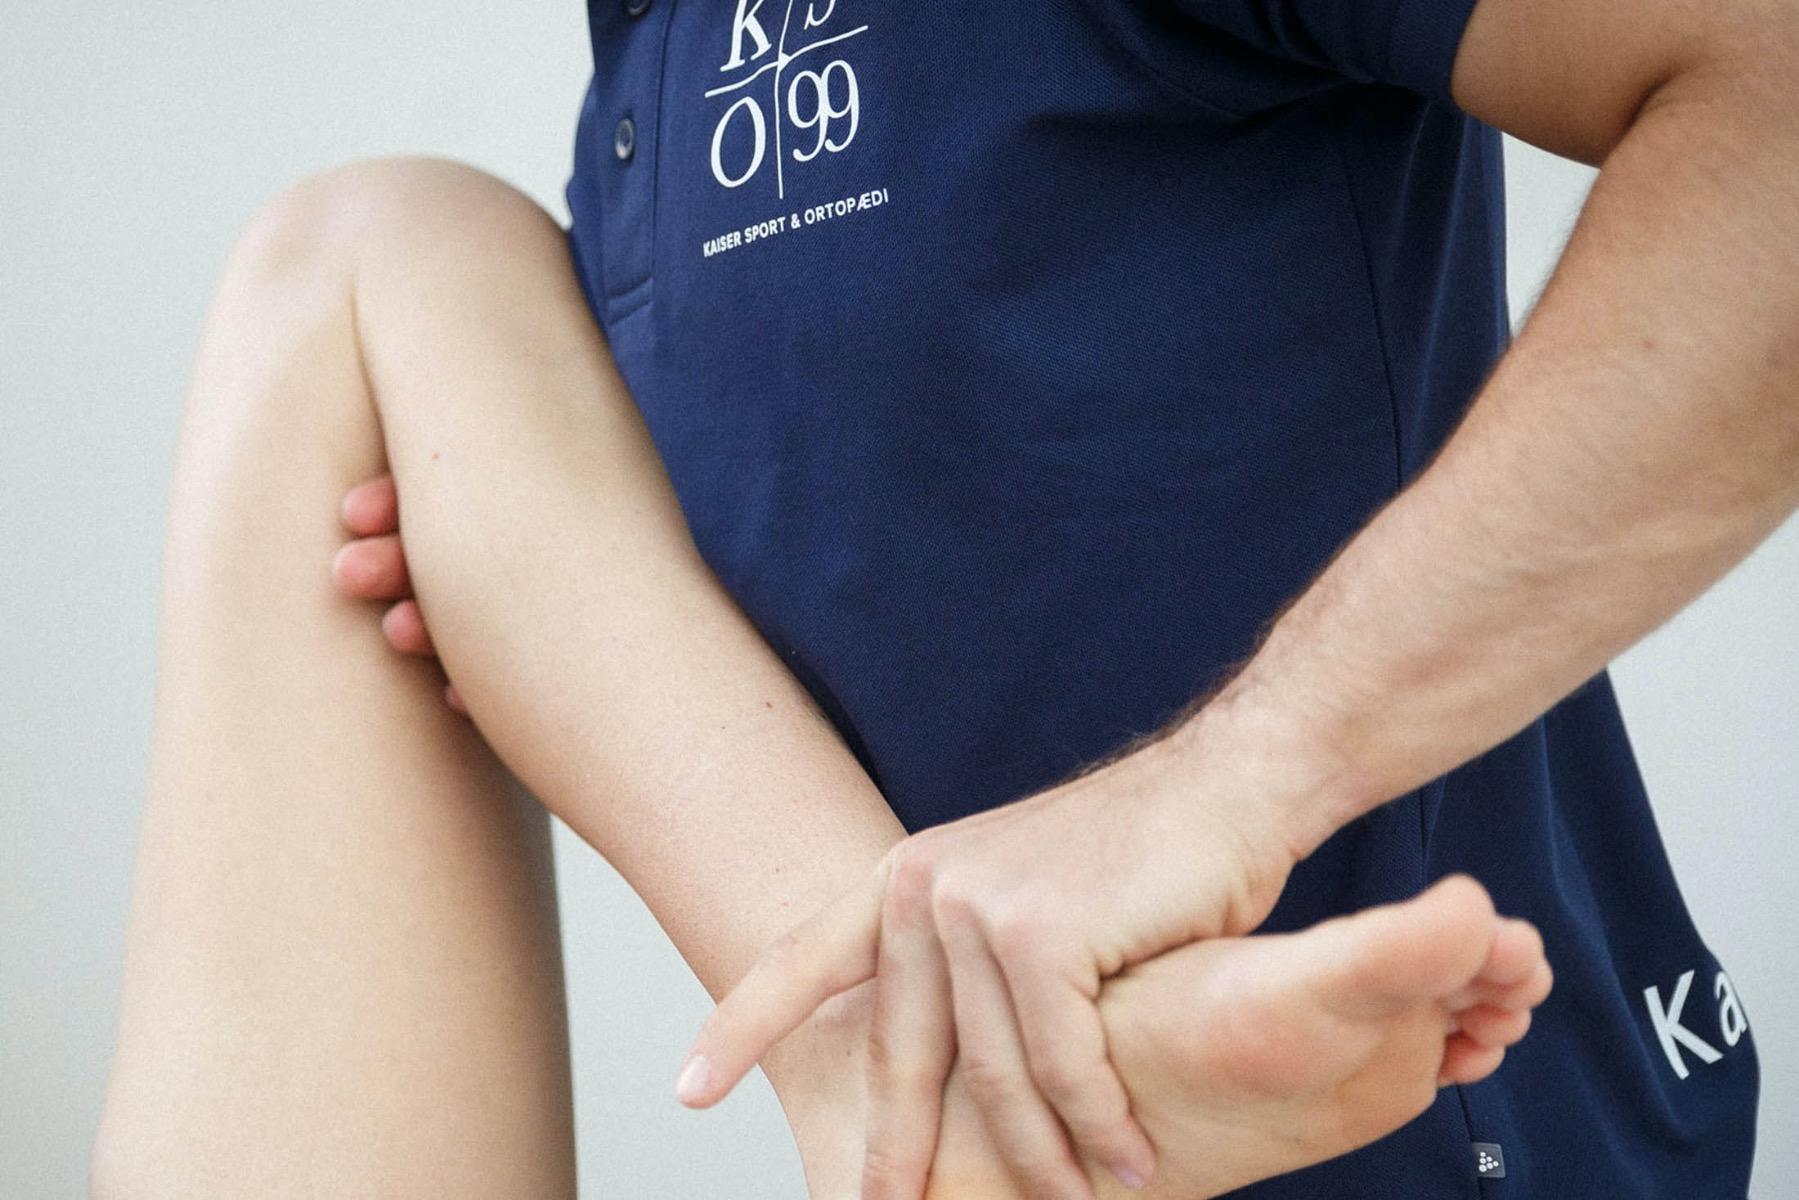 Behandling af akillessenebetændelse (smerter i achilles) med fysioterapi eller ortopædiske indlæg